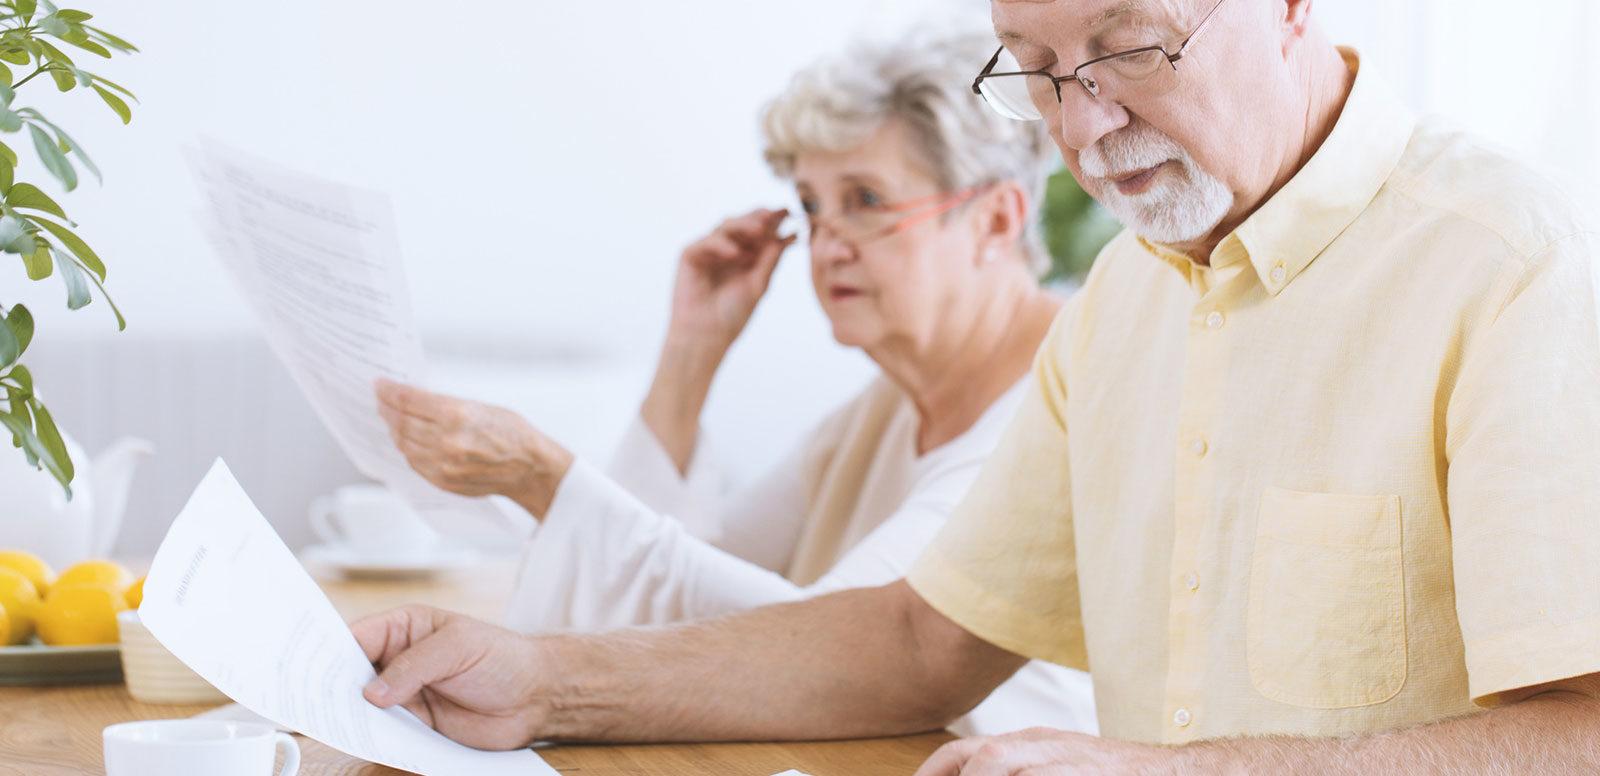 Passage à la retraite - image